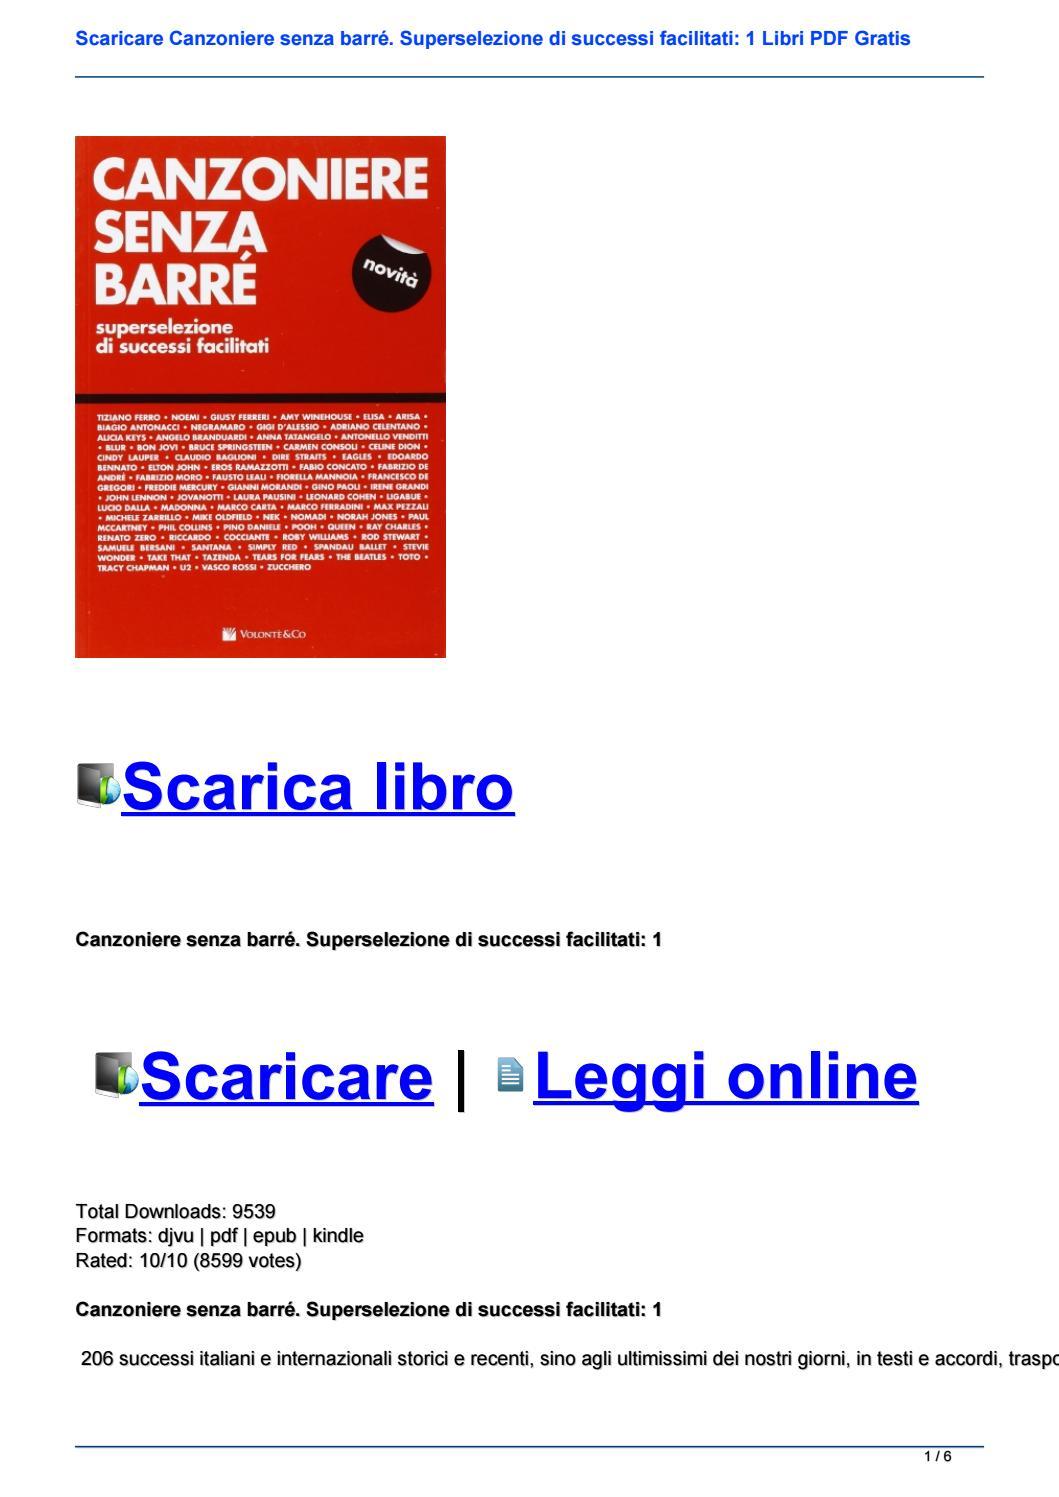 SCARICARE CANZONIERE CHITARRA PDF